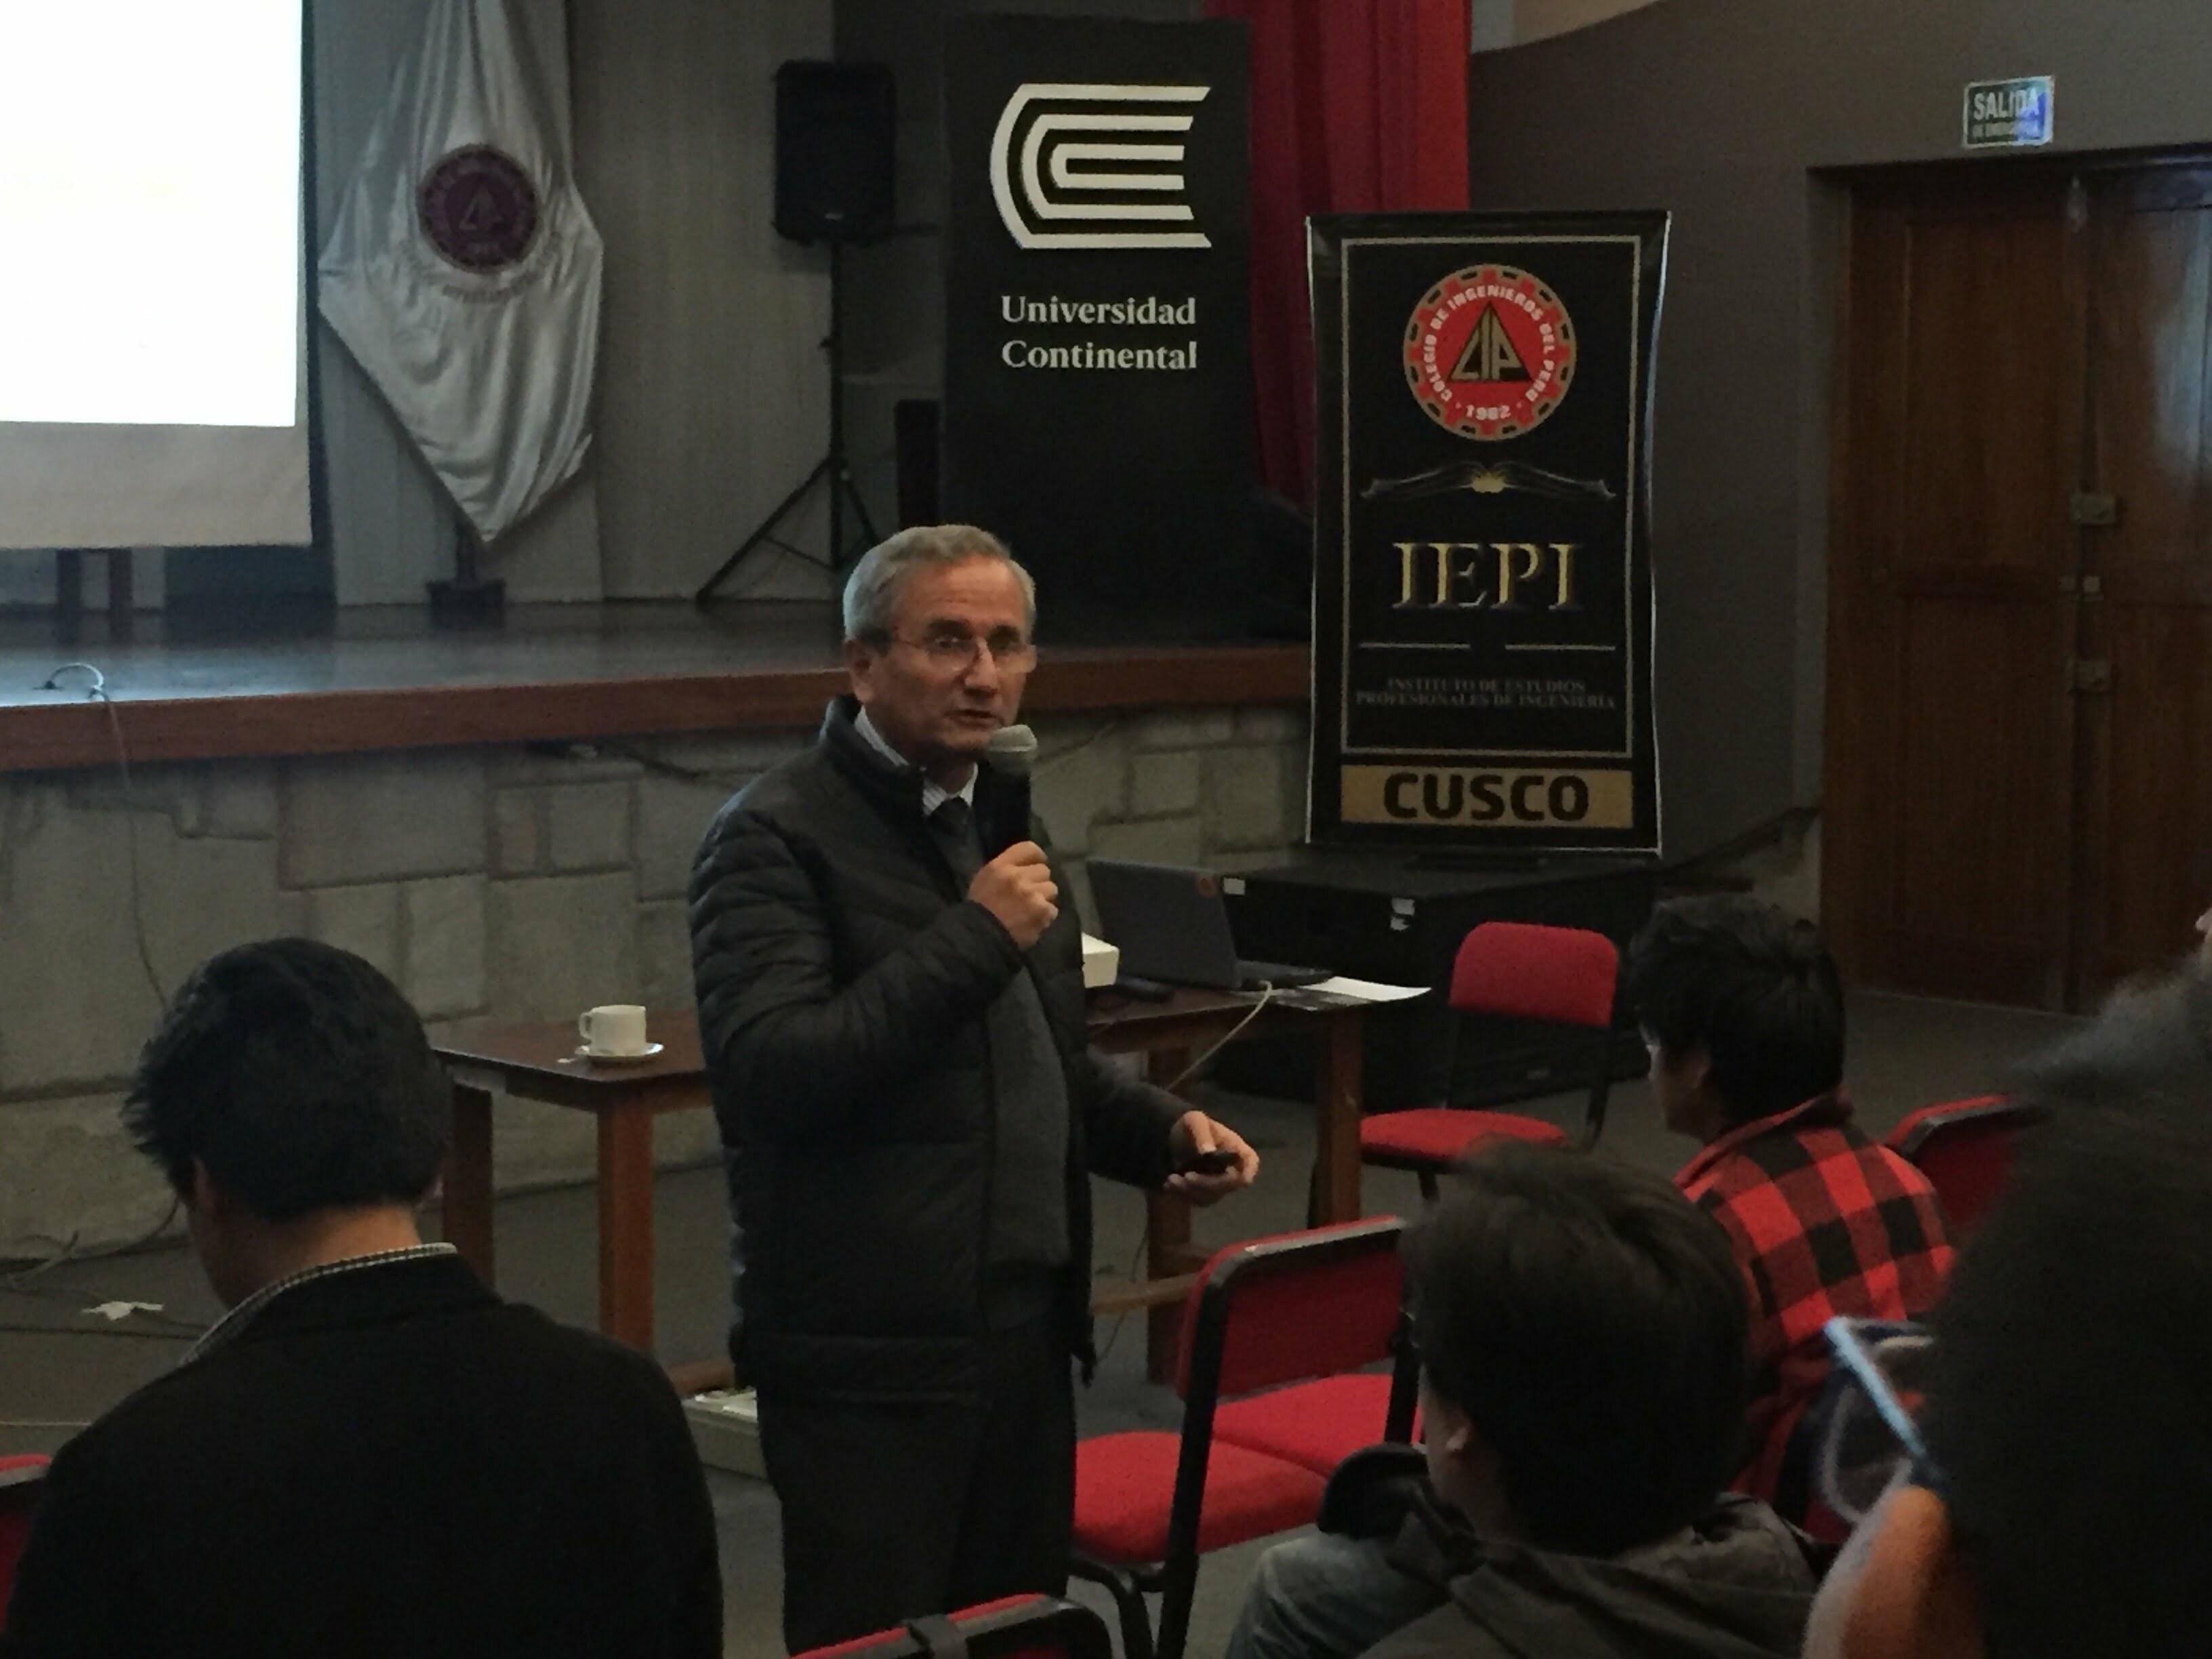 Universidad Continental congregó a reconocidos profesionales durante en Ciclo de conferencias en Ingeniería en Cusco